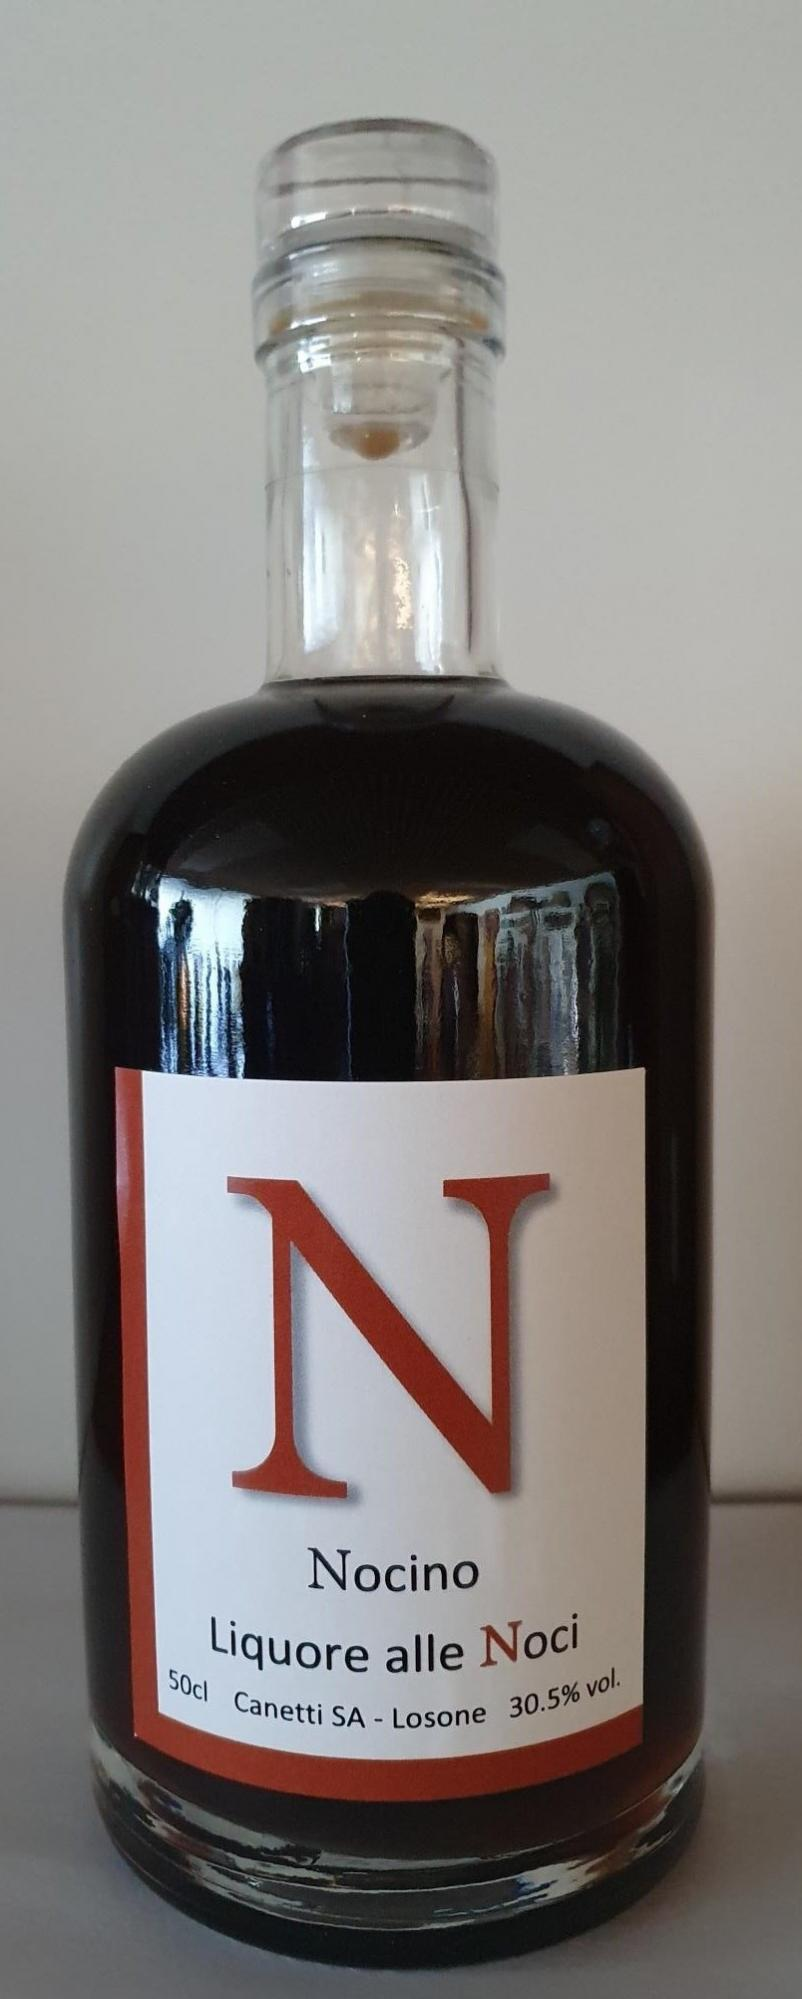 Nocino 30.5% 50cl - Canetti